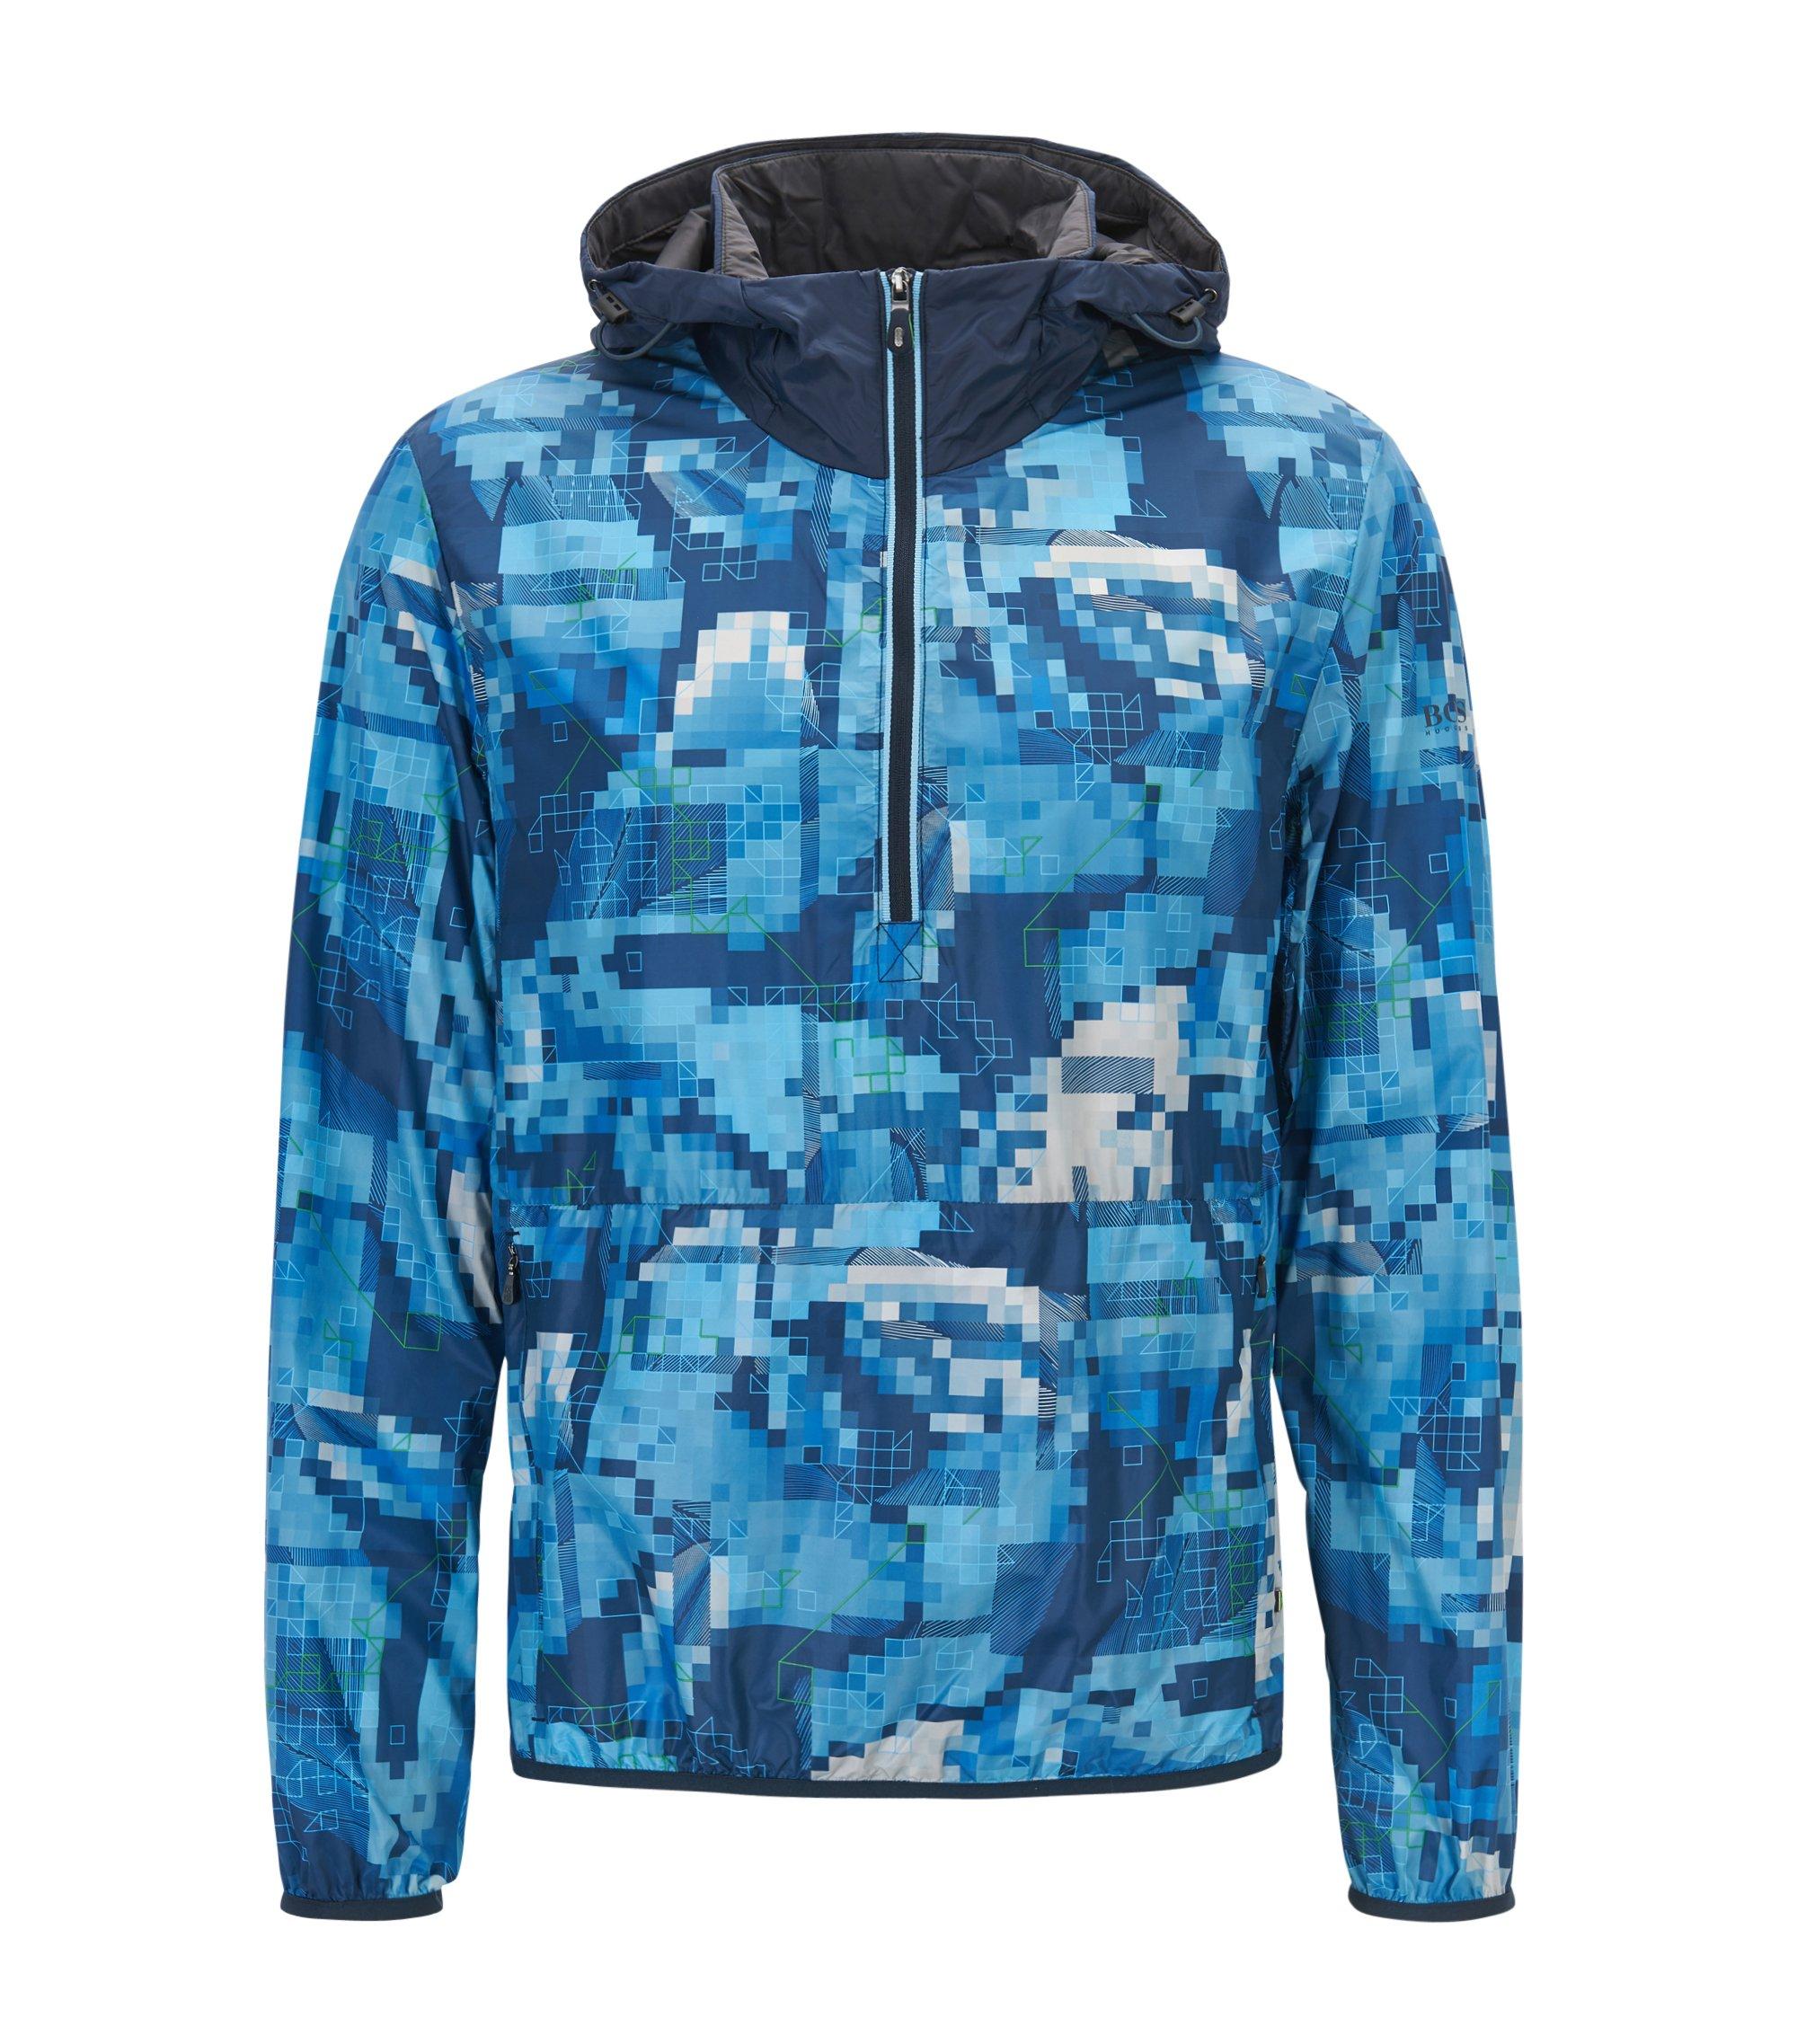 Wasserabweisende Jacke mit Kapuze, Blau